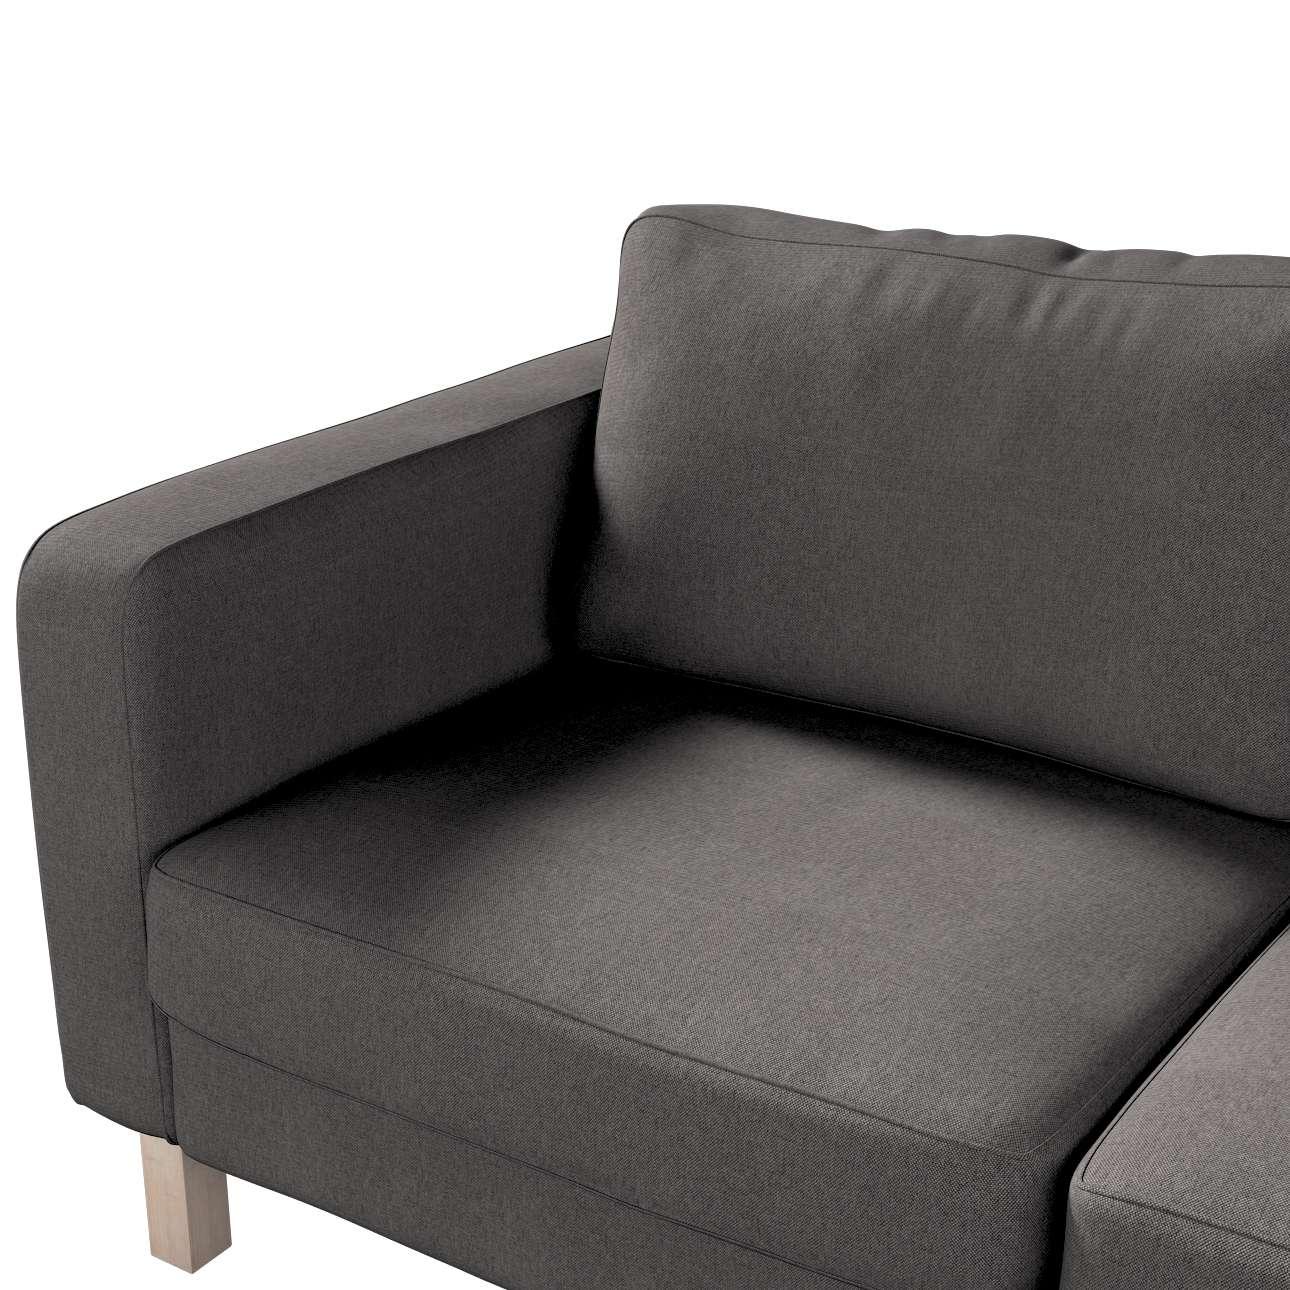 Karlstad 2-Sitzer Sofabezug nicht ausklappbar von der Kollektion Etna, Stoff: 705-35